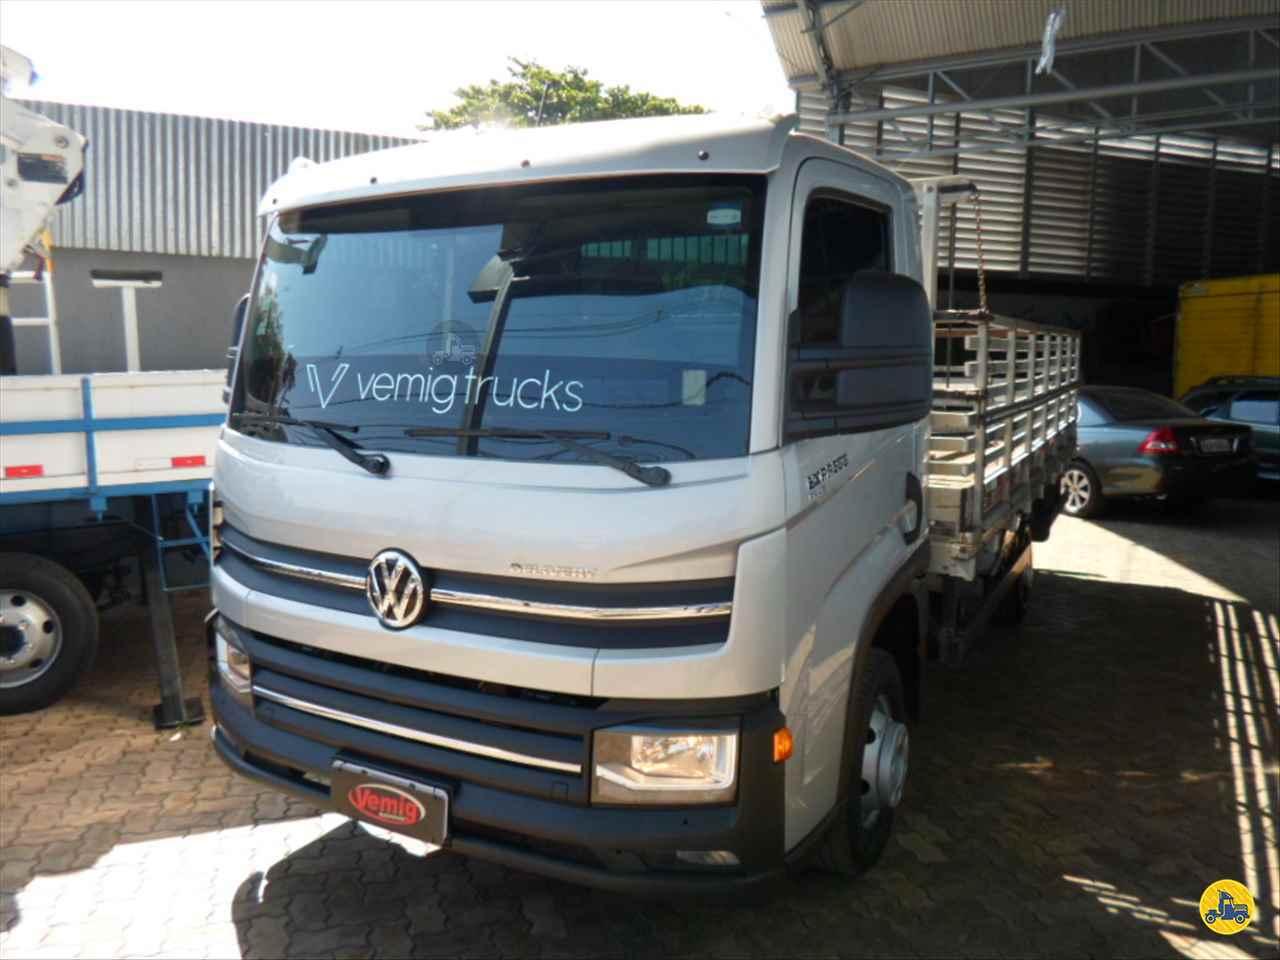 CAMINHAO VOLKSWAGEN DELIVERY EXPRESS Carga Seca 3/4 4x2 TC Caminhões  BELO HORIZONTE MINAS GERAIS MG